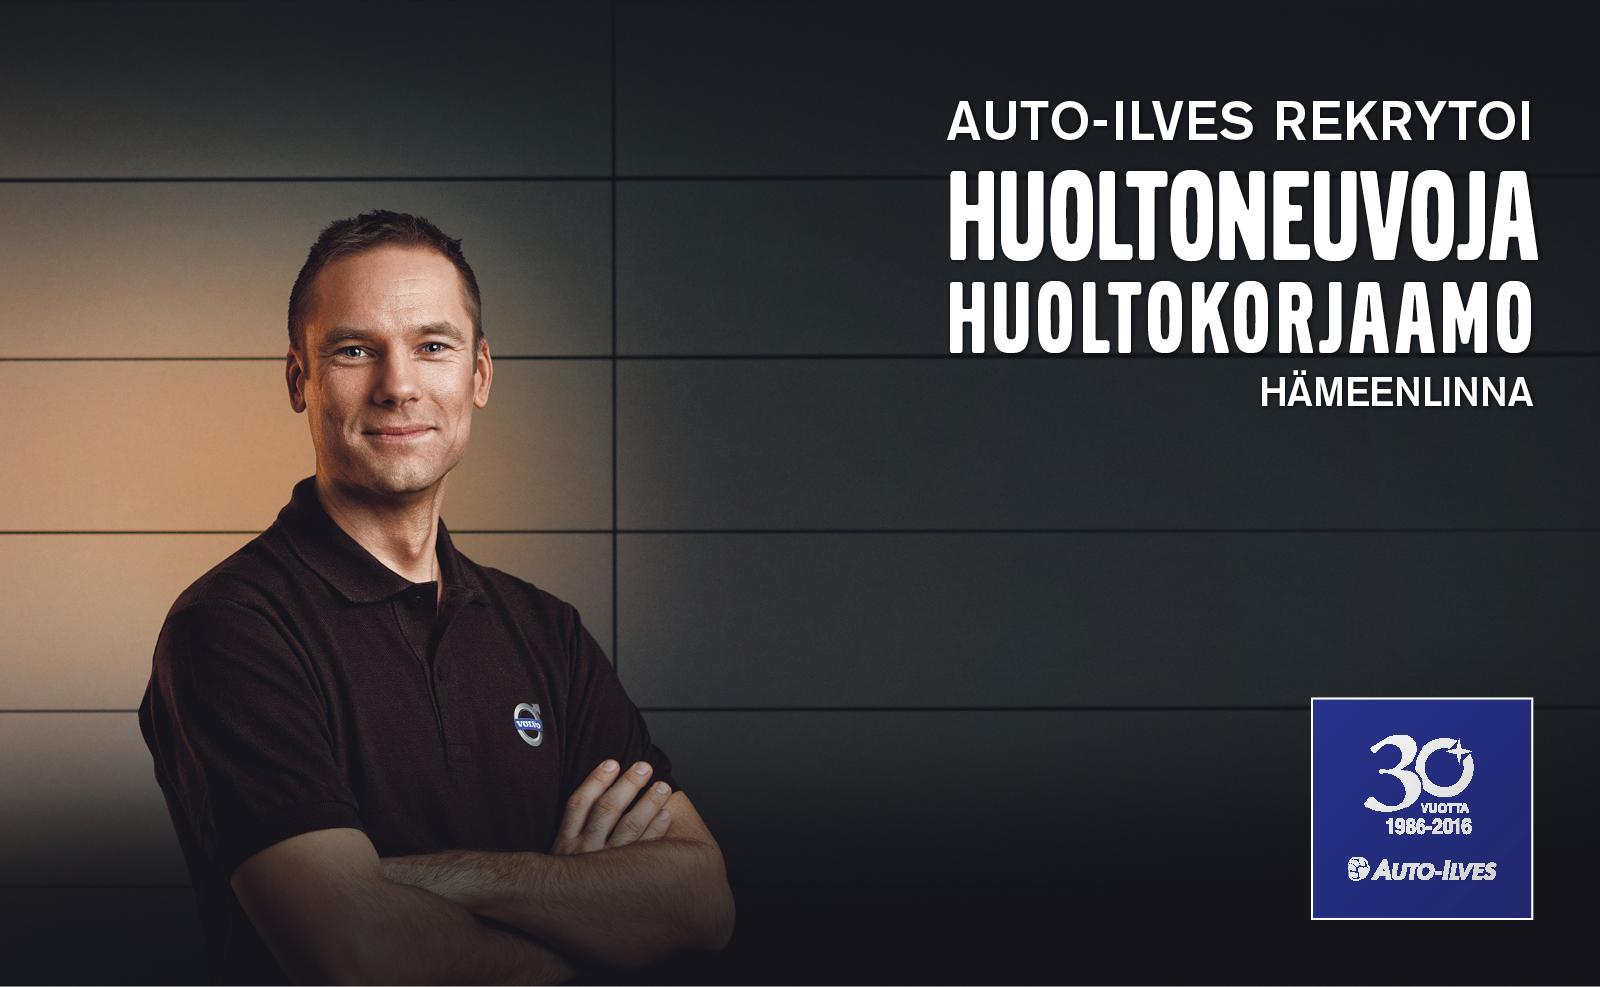 Huoltoneuvoja Hämeenlinna 091216